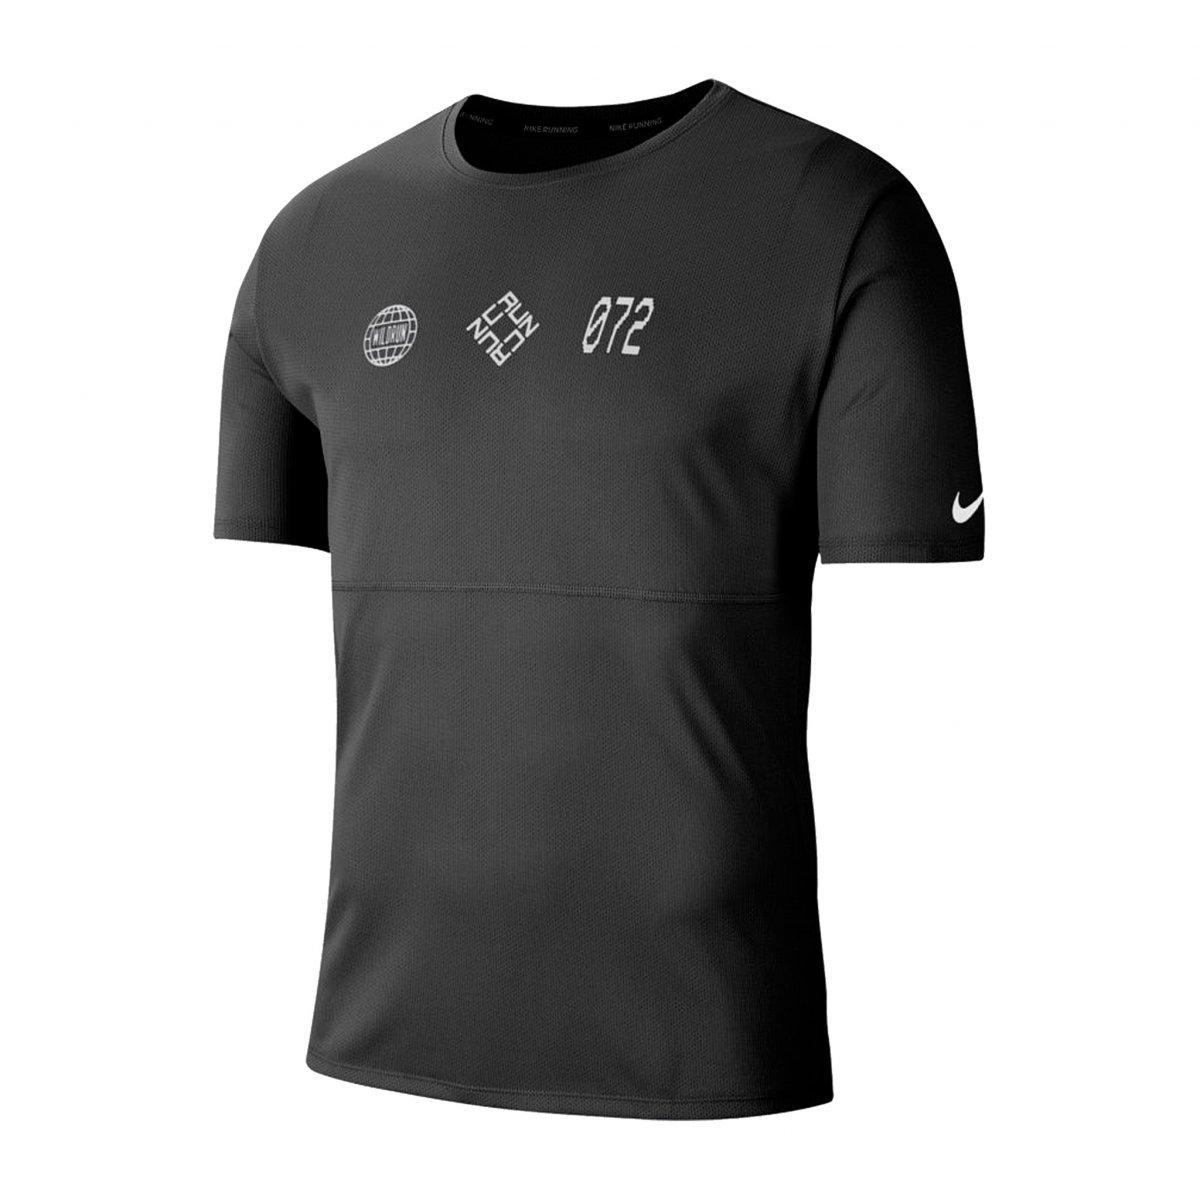 Camiseta Nike Dri-Fit Breathe Run  - Ferron Sport